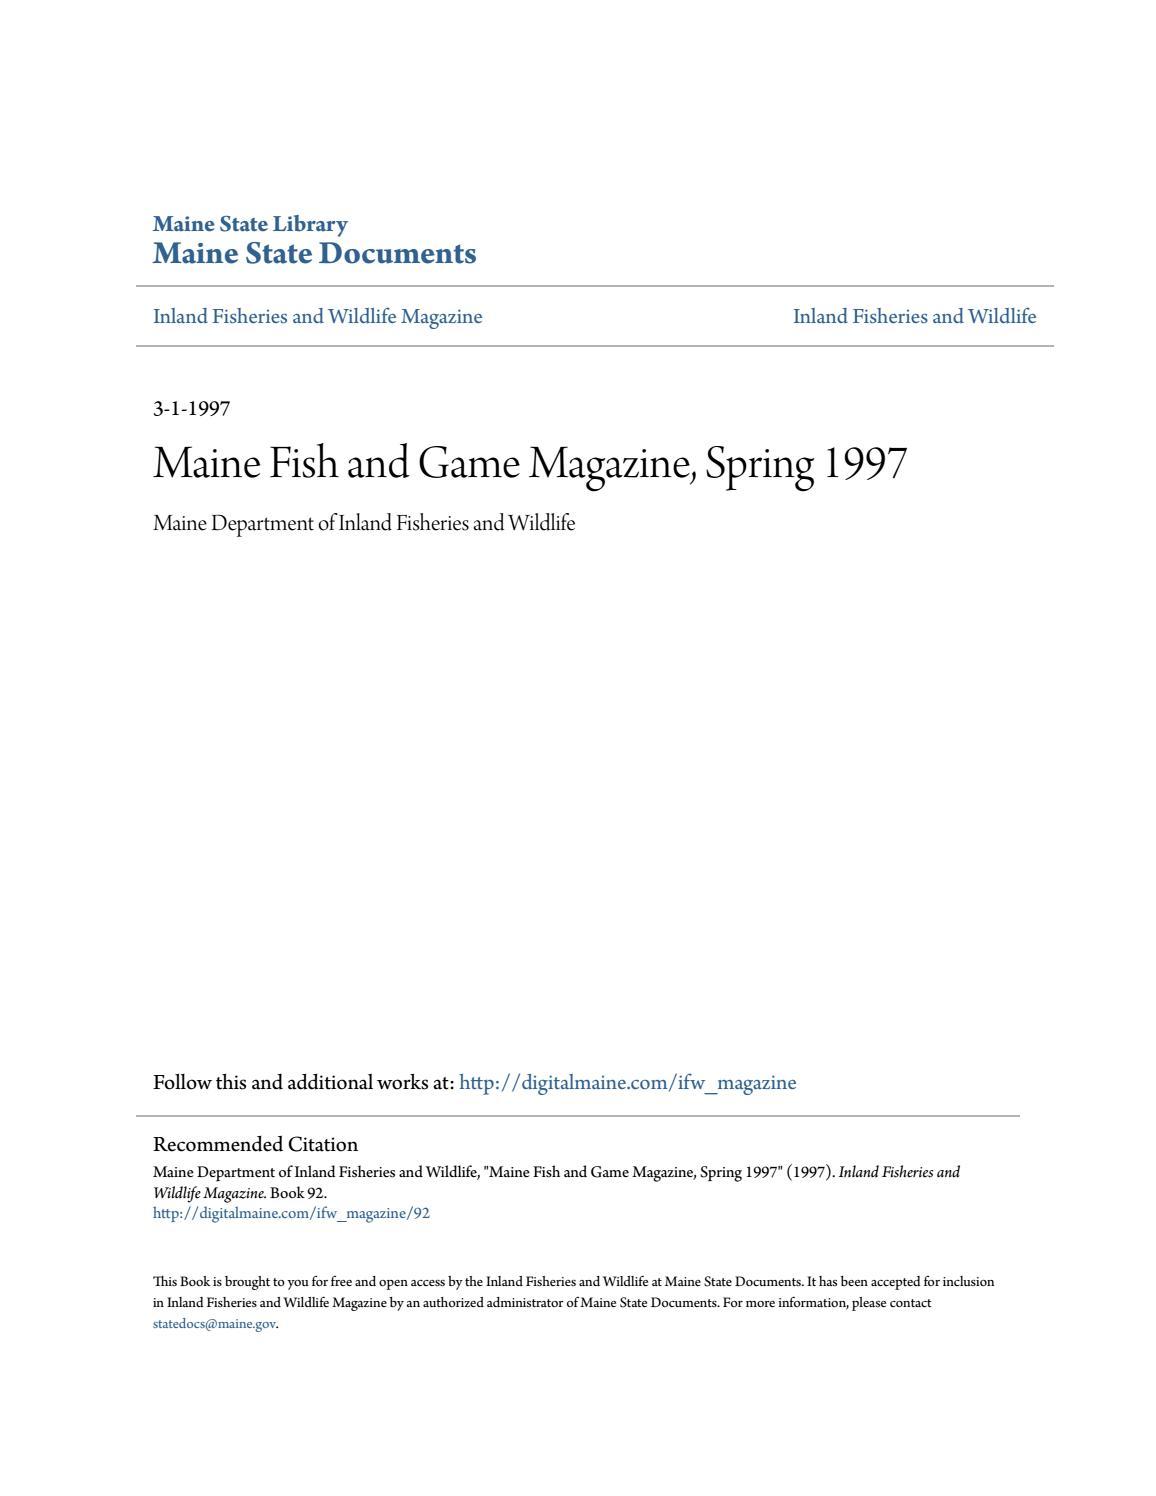 Maine Fish and Wildlife Magazine, Spring 1997 by Maine ...